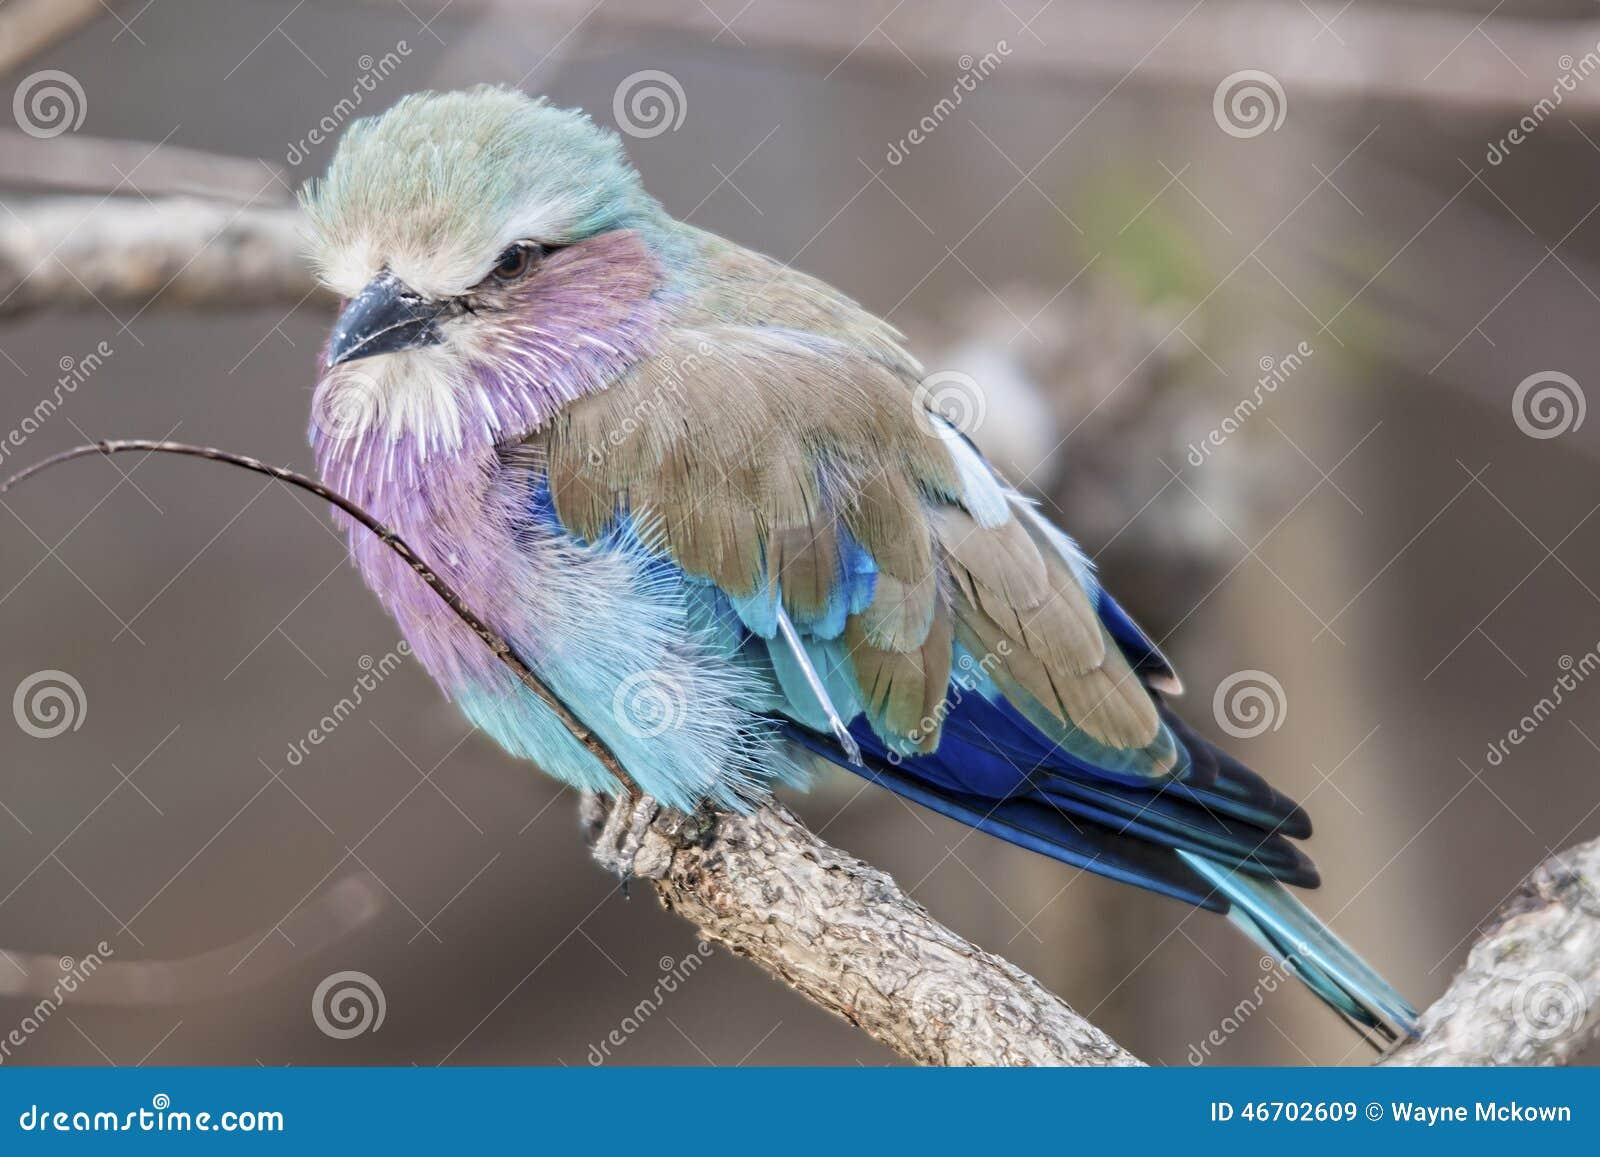 το πουλί μου φωτογραφία φωτογραφίες των μαύρων γυμνό κορίτσια